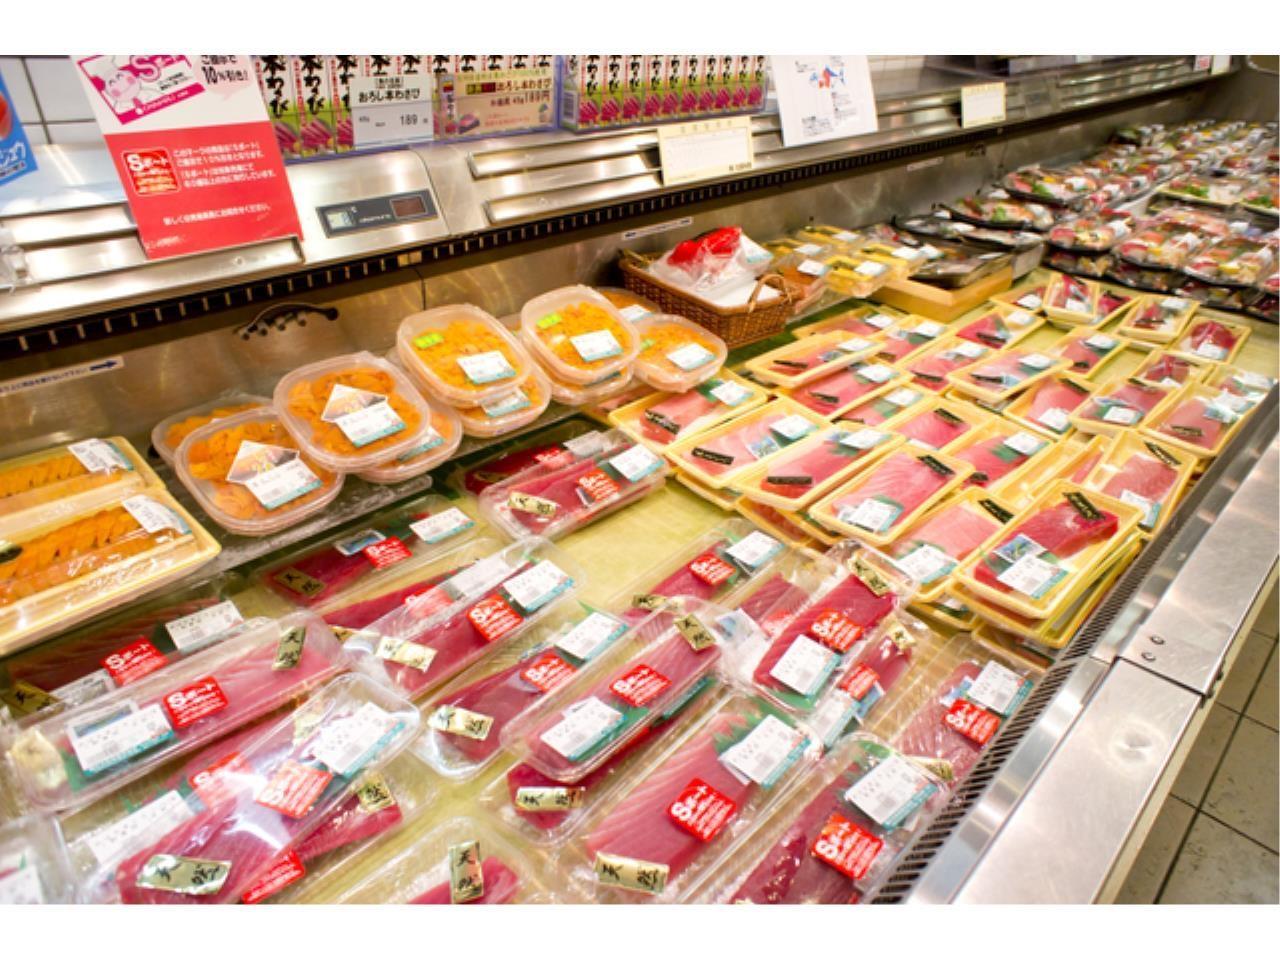 スーパーマーケット本部での仕分けやカンタンな食品加工